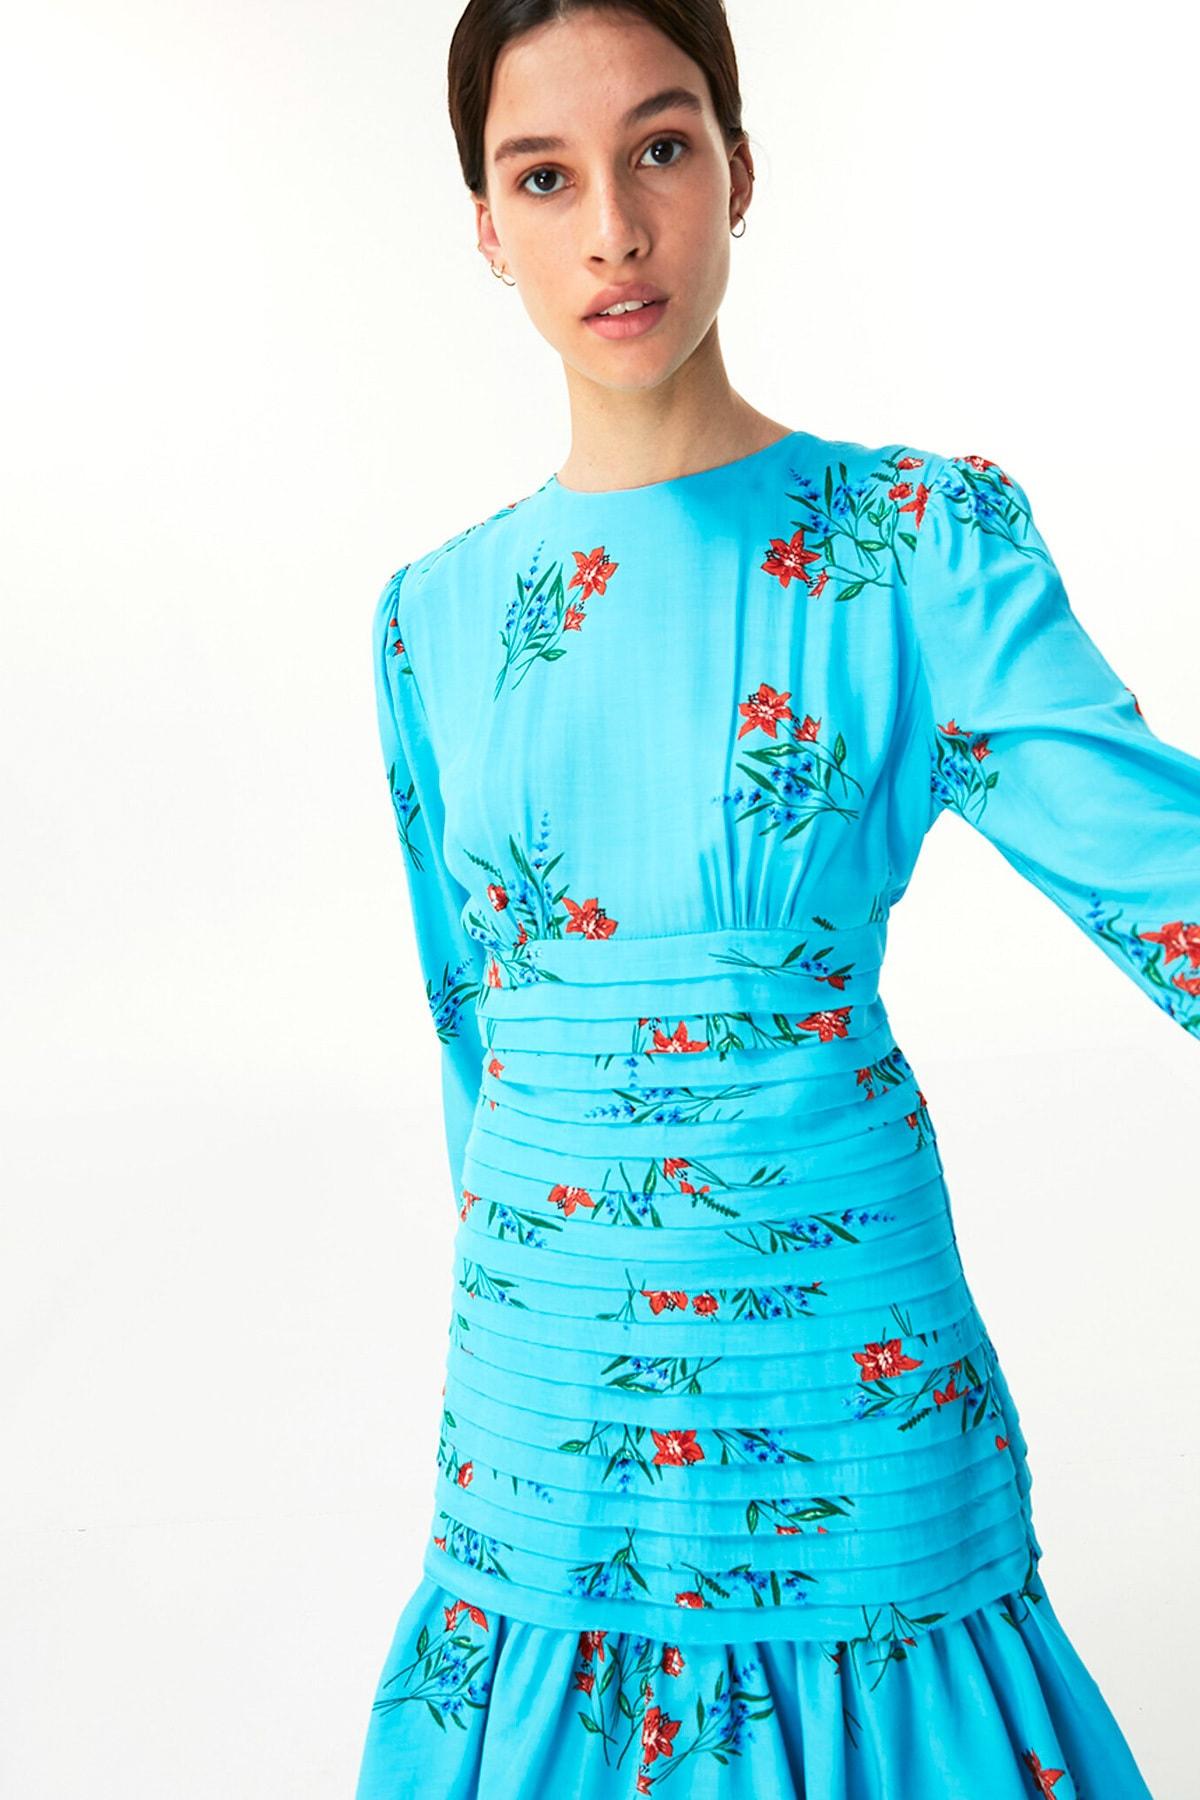 Twist Kadın Mavi Çiçek Desen Elbise TW6200002143 2